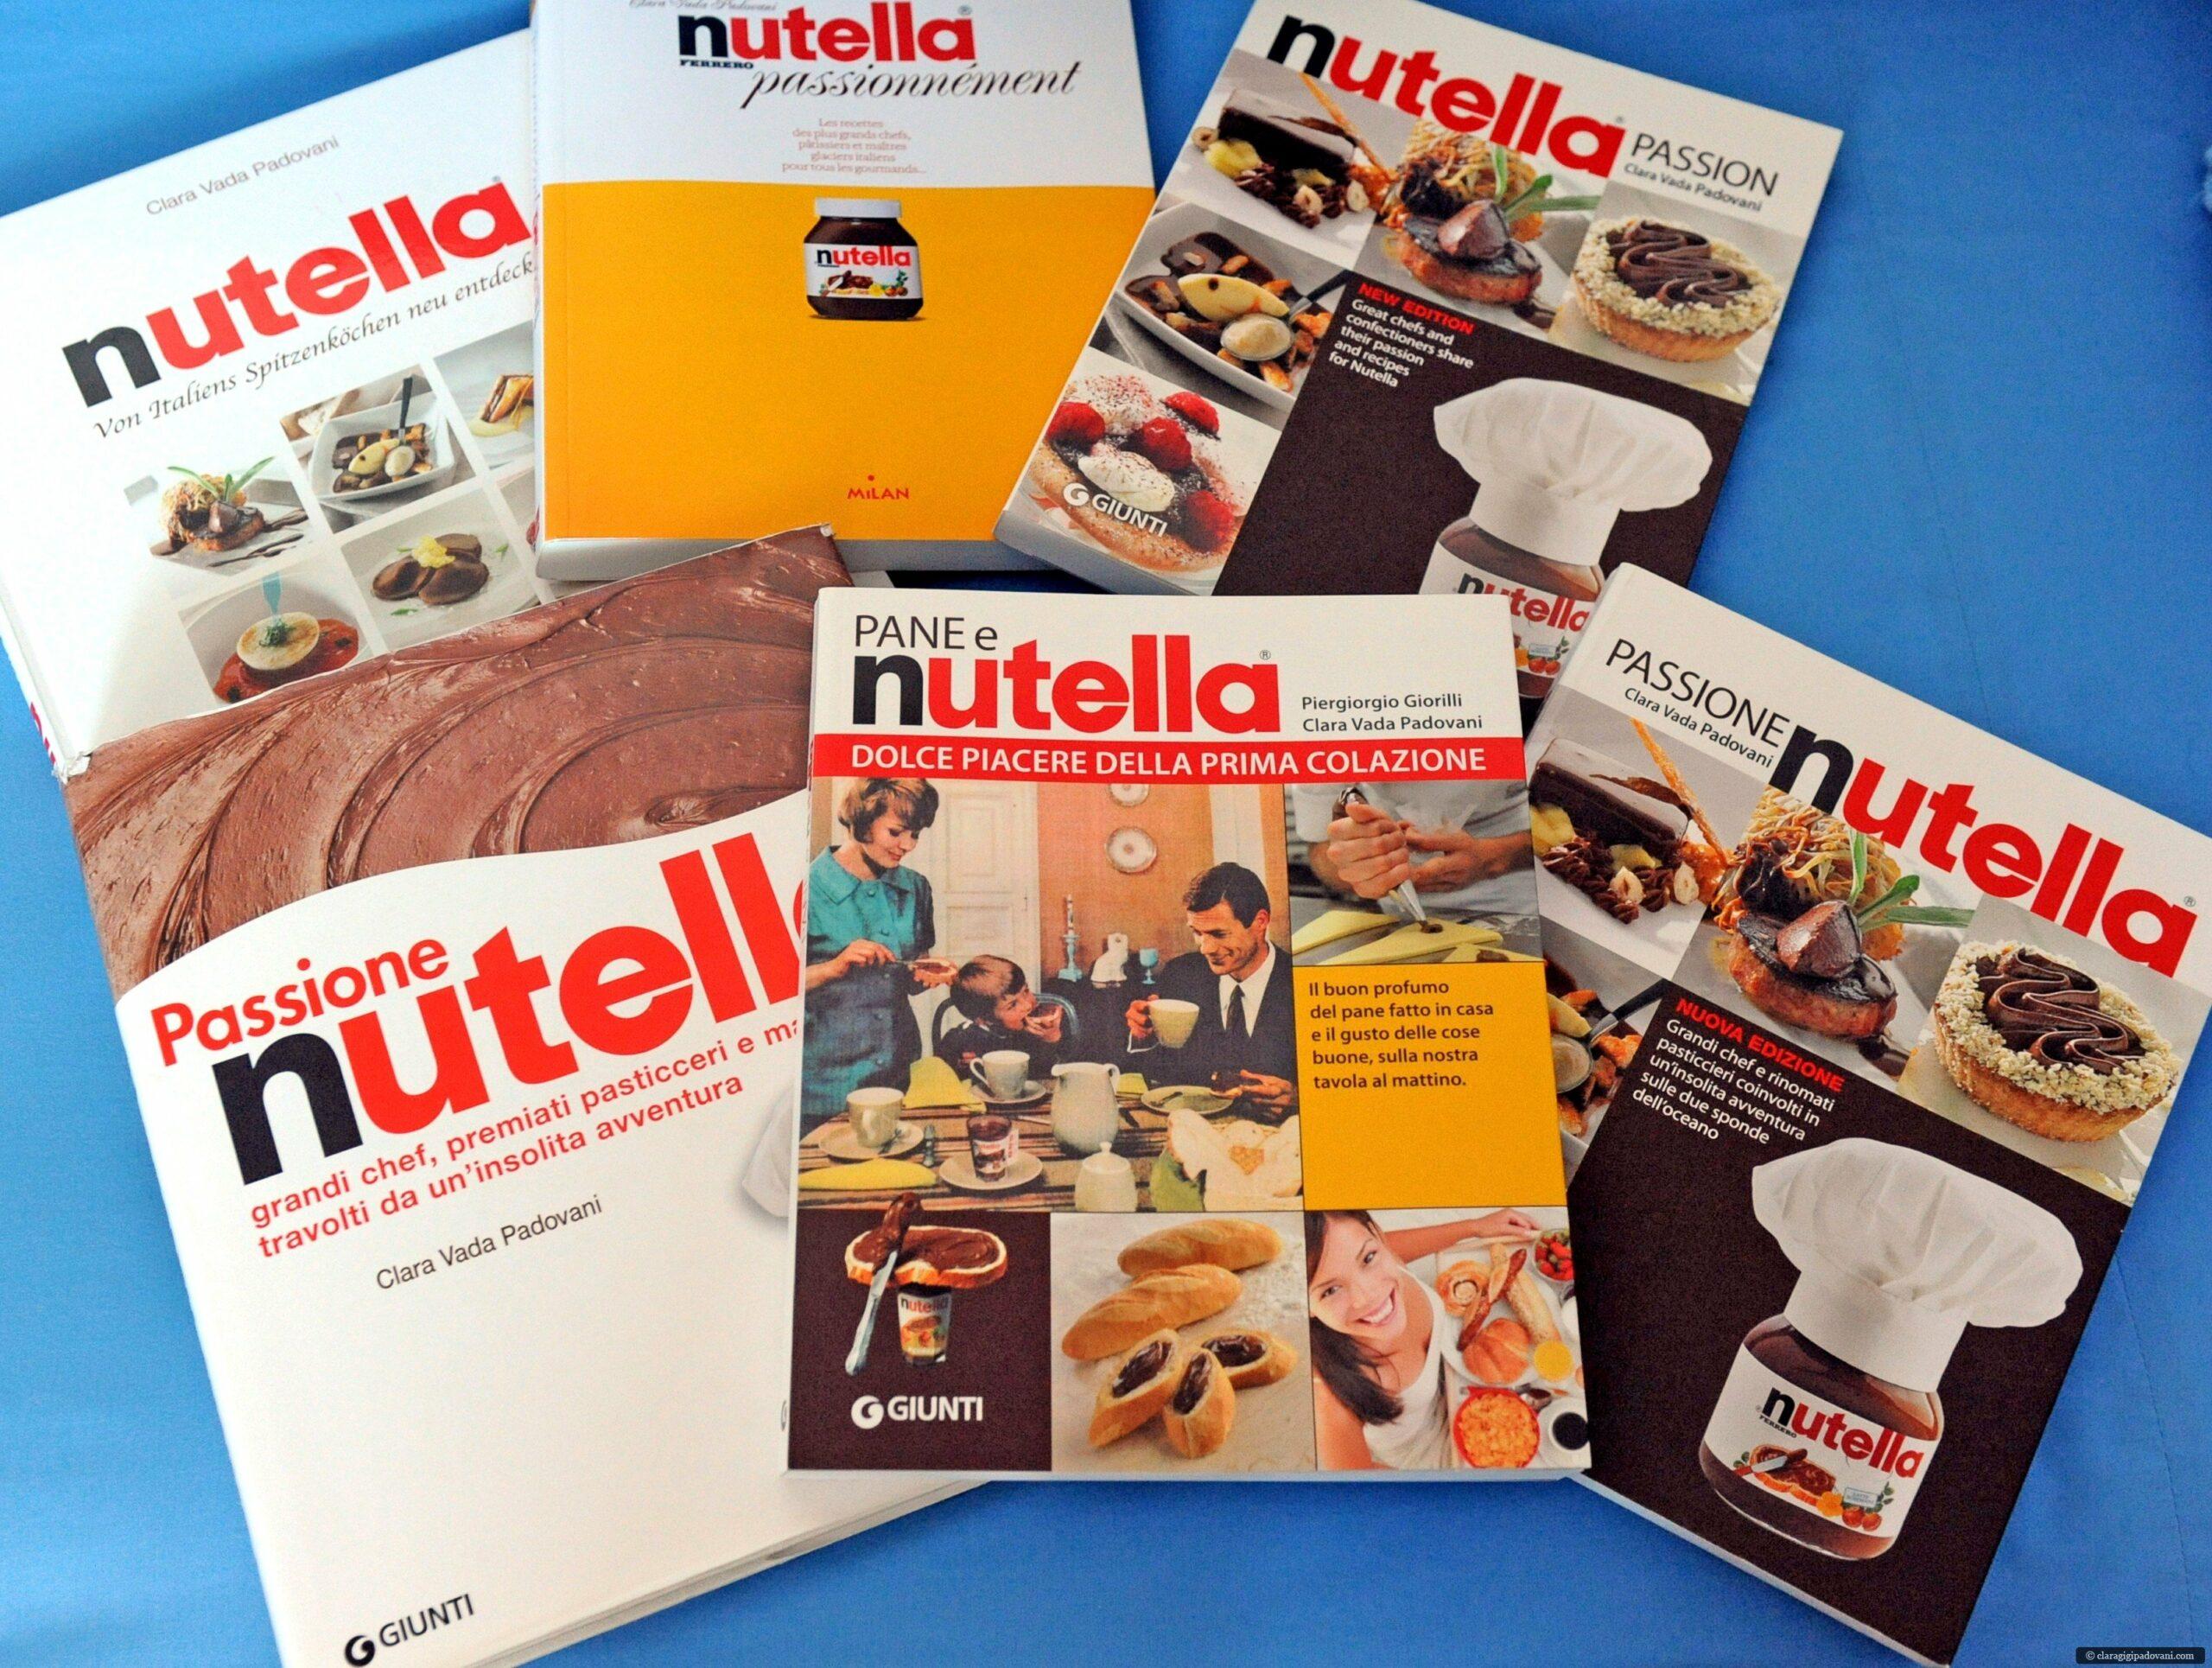 Da 'Passione Nutella' a 'Pane e Nutella'